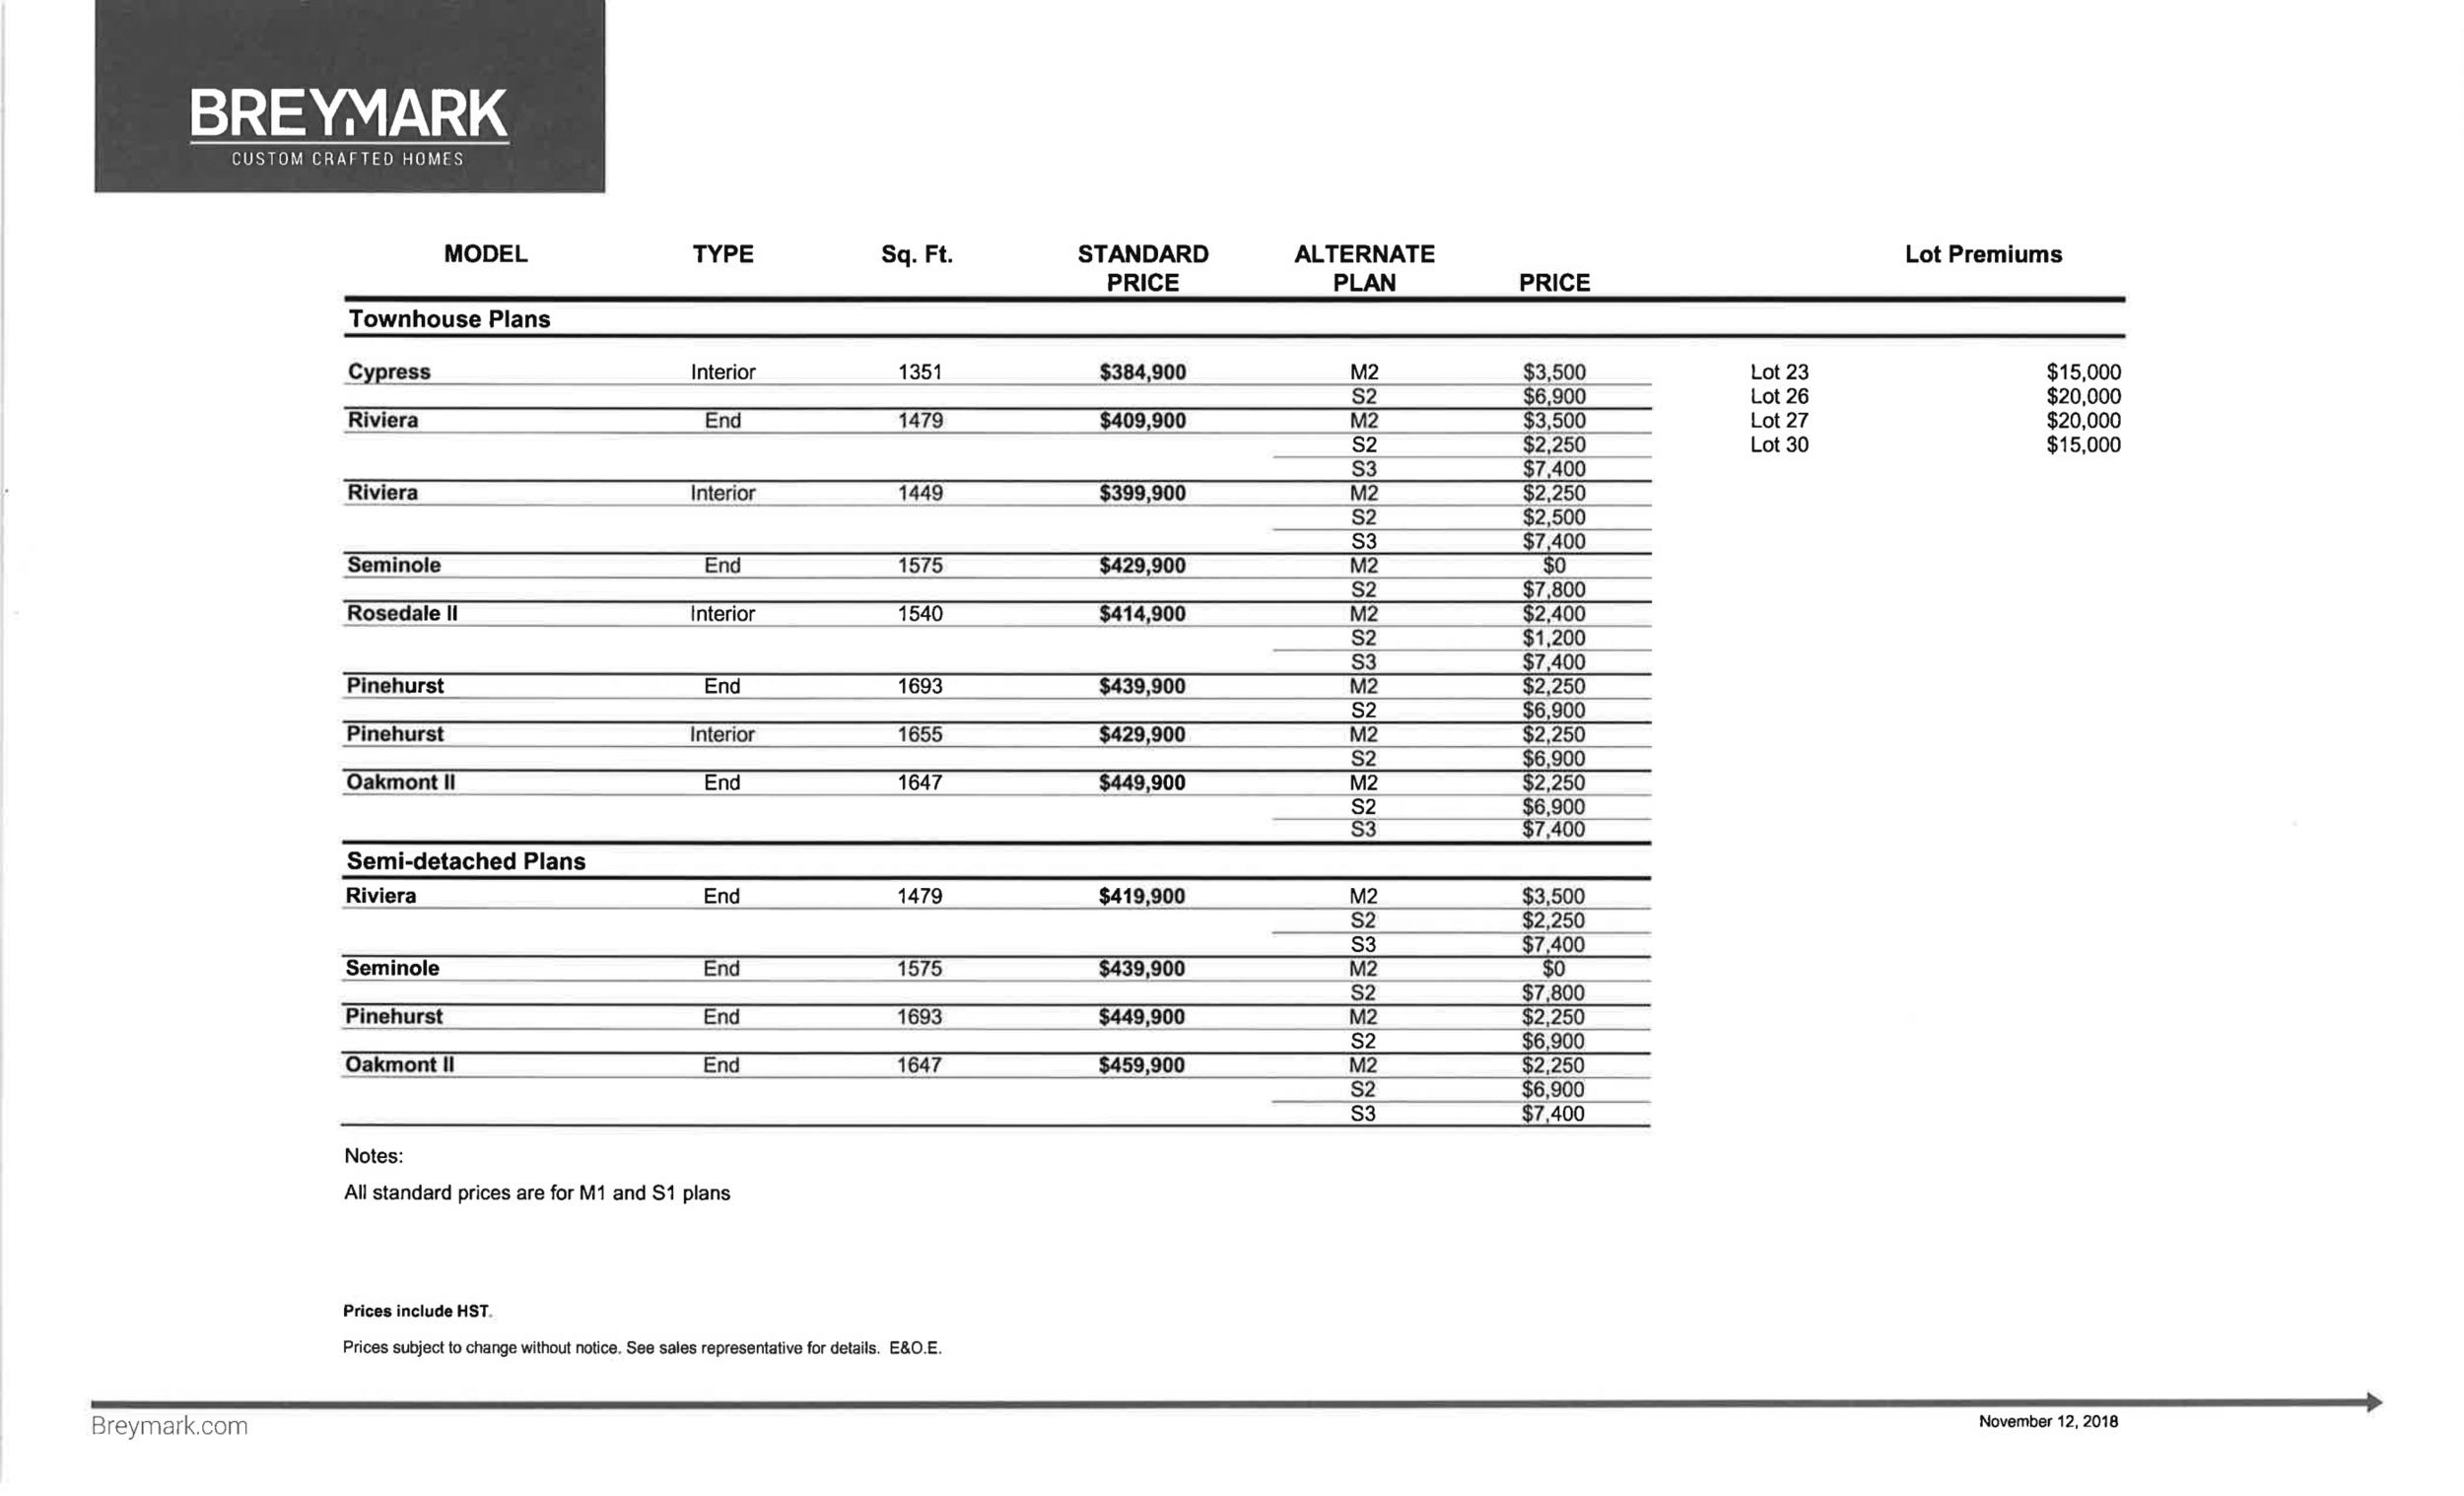 Breymark Links Price Sheet Nov 12-18[5909]-1.png